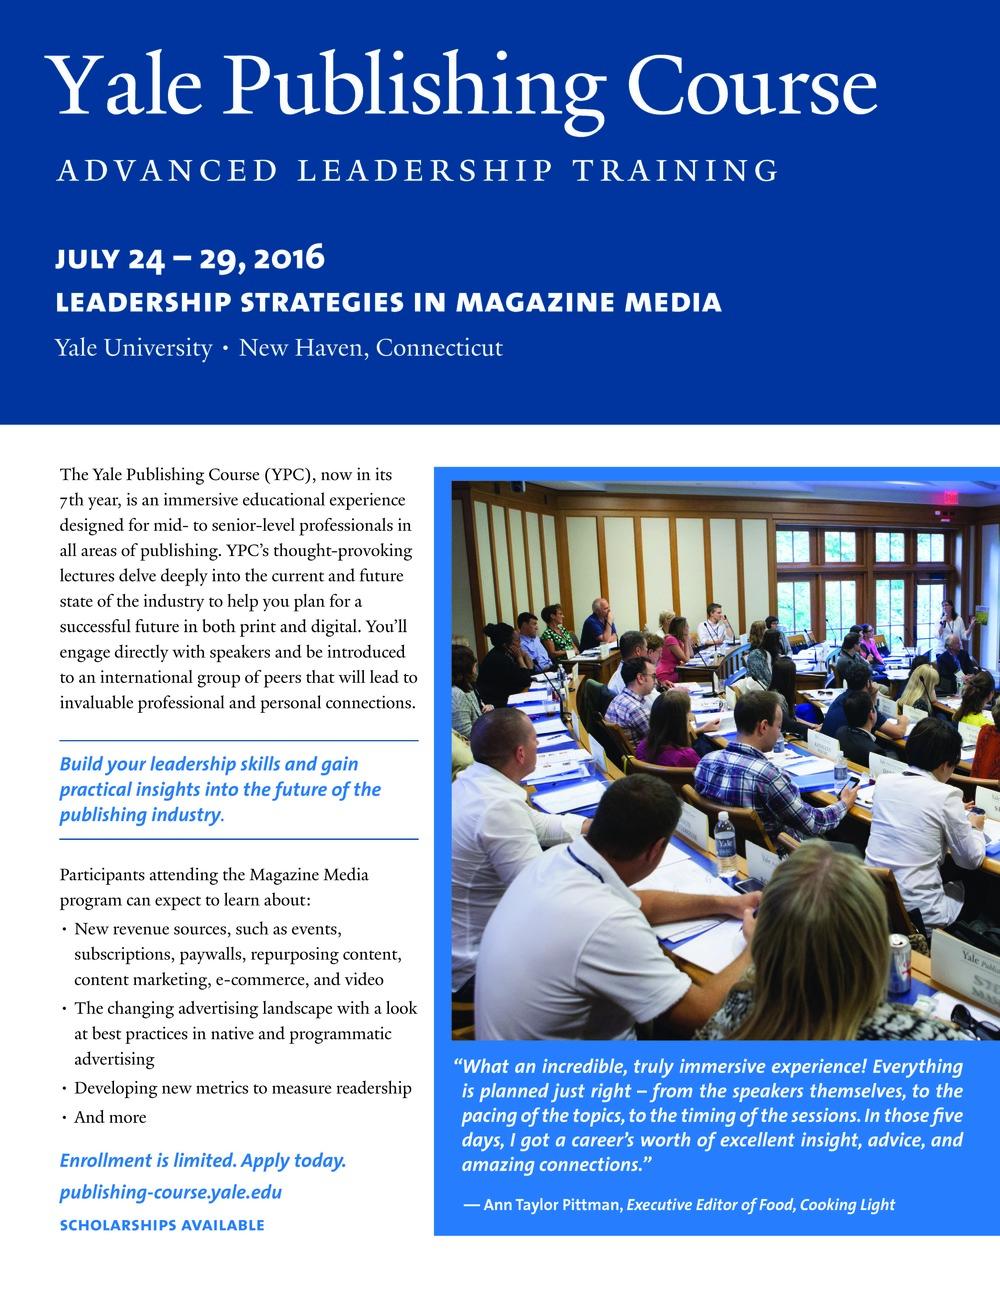 2016 Magazine Media Preliminary Program Flyer